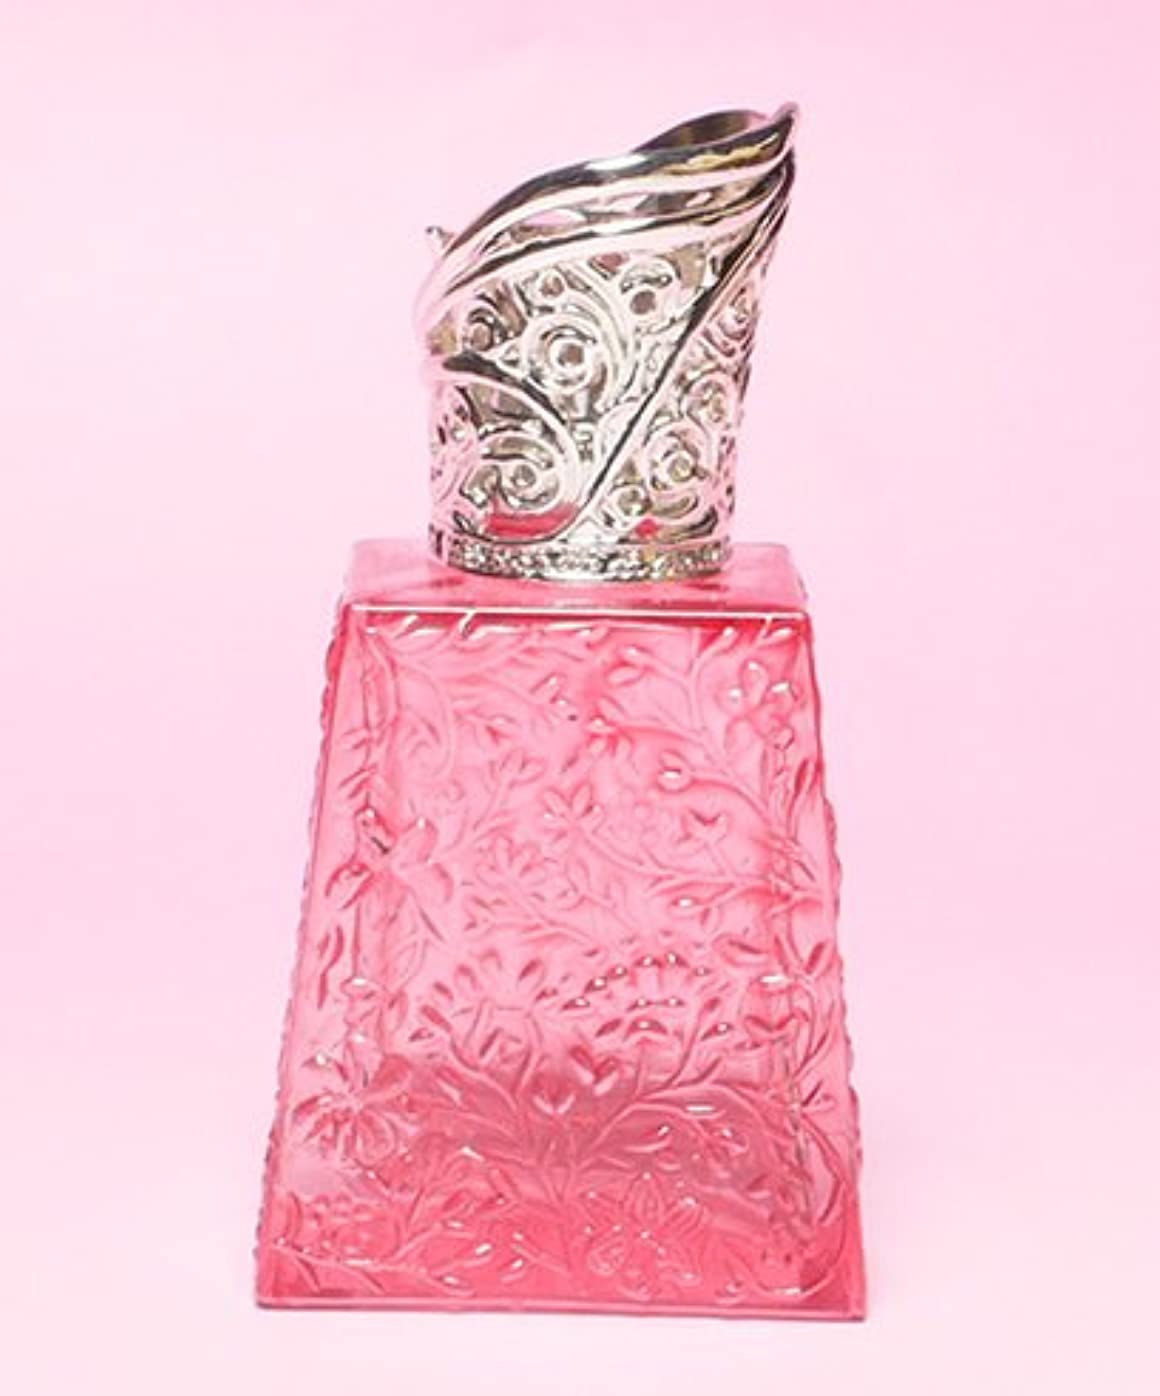 名誉あるダイヤル化粧【ミニランプ】 ミスト MP ピンク ランプベルジェ製アロマオイルでも使用可